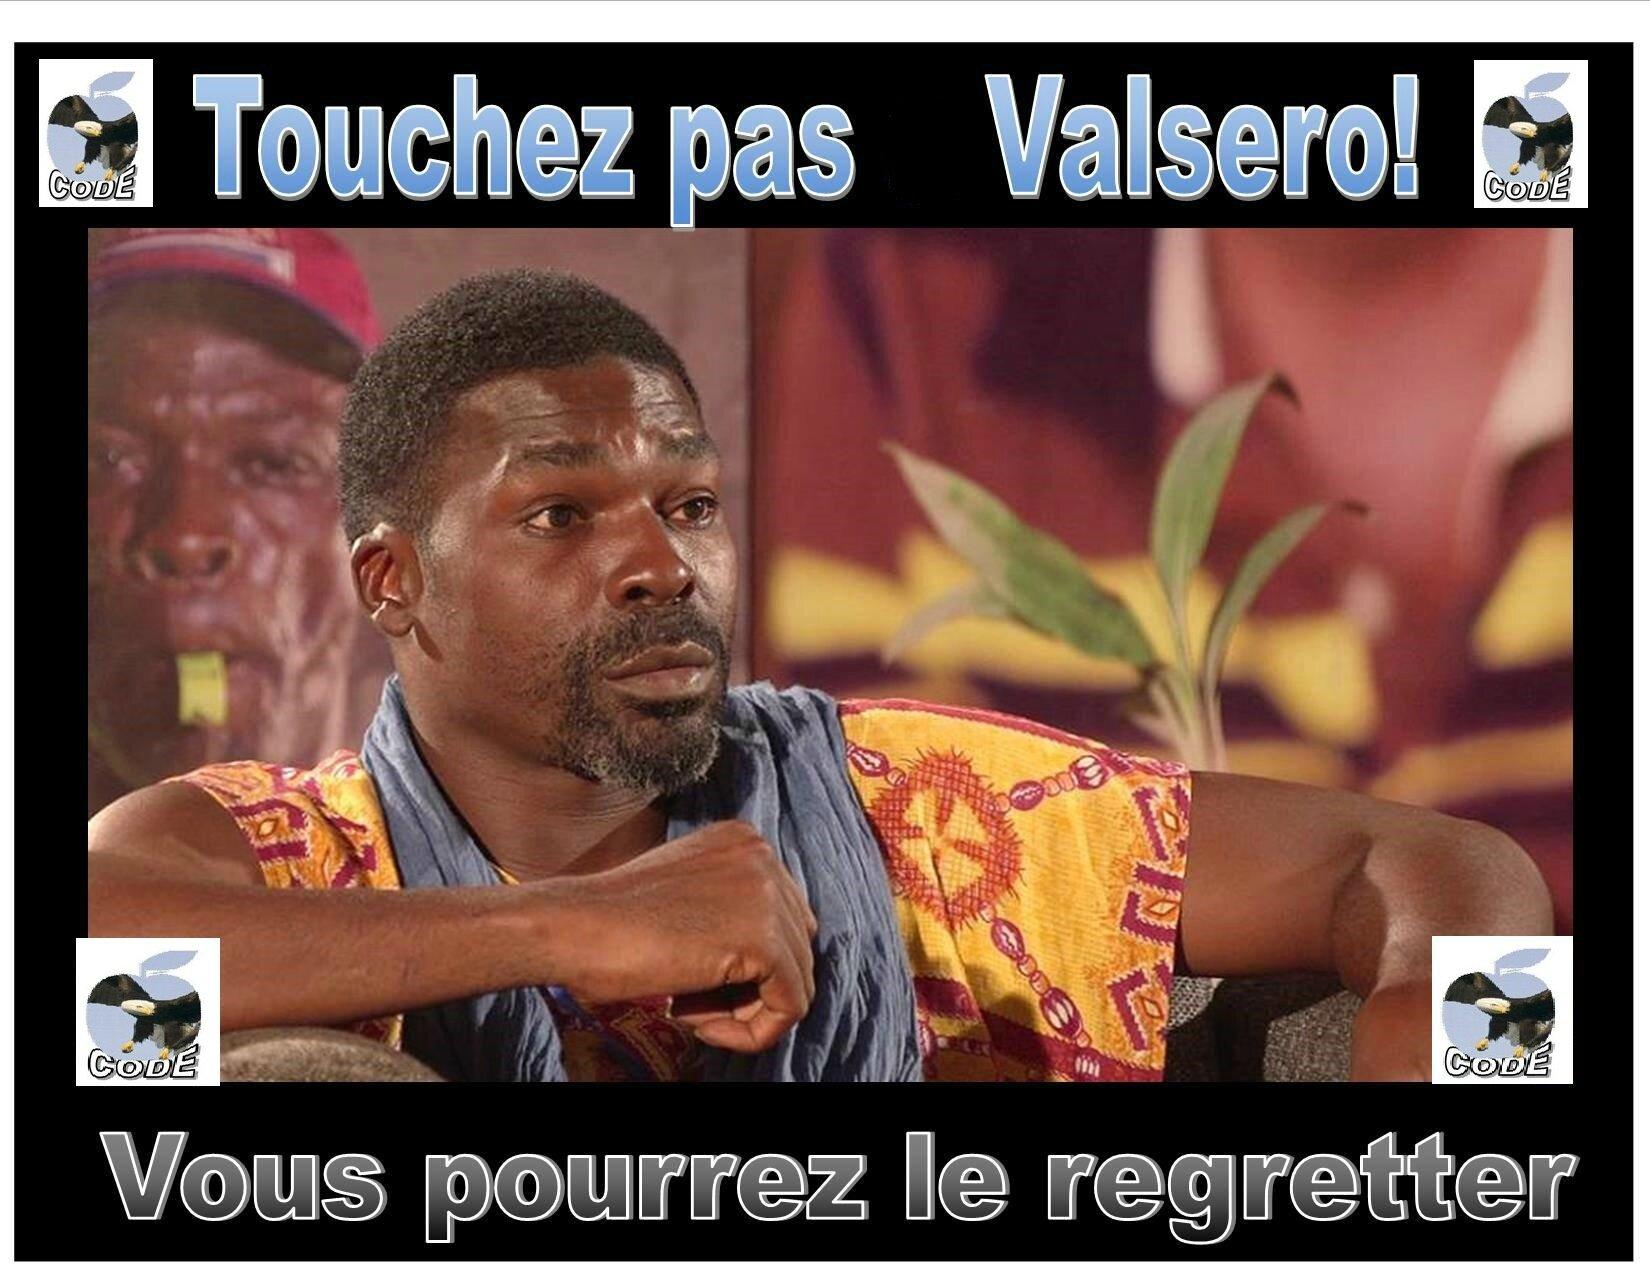 Longévité au pouvoir:l'artiste Valsero s'attaque aux 33 ans de Biya à la tête du Cameroun